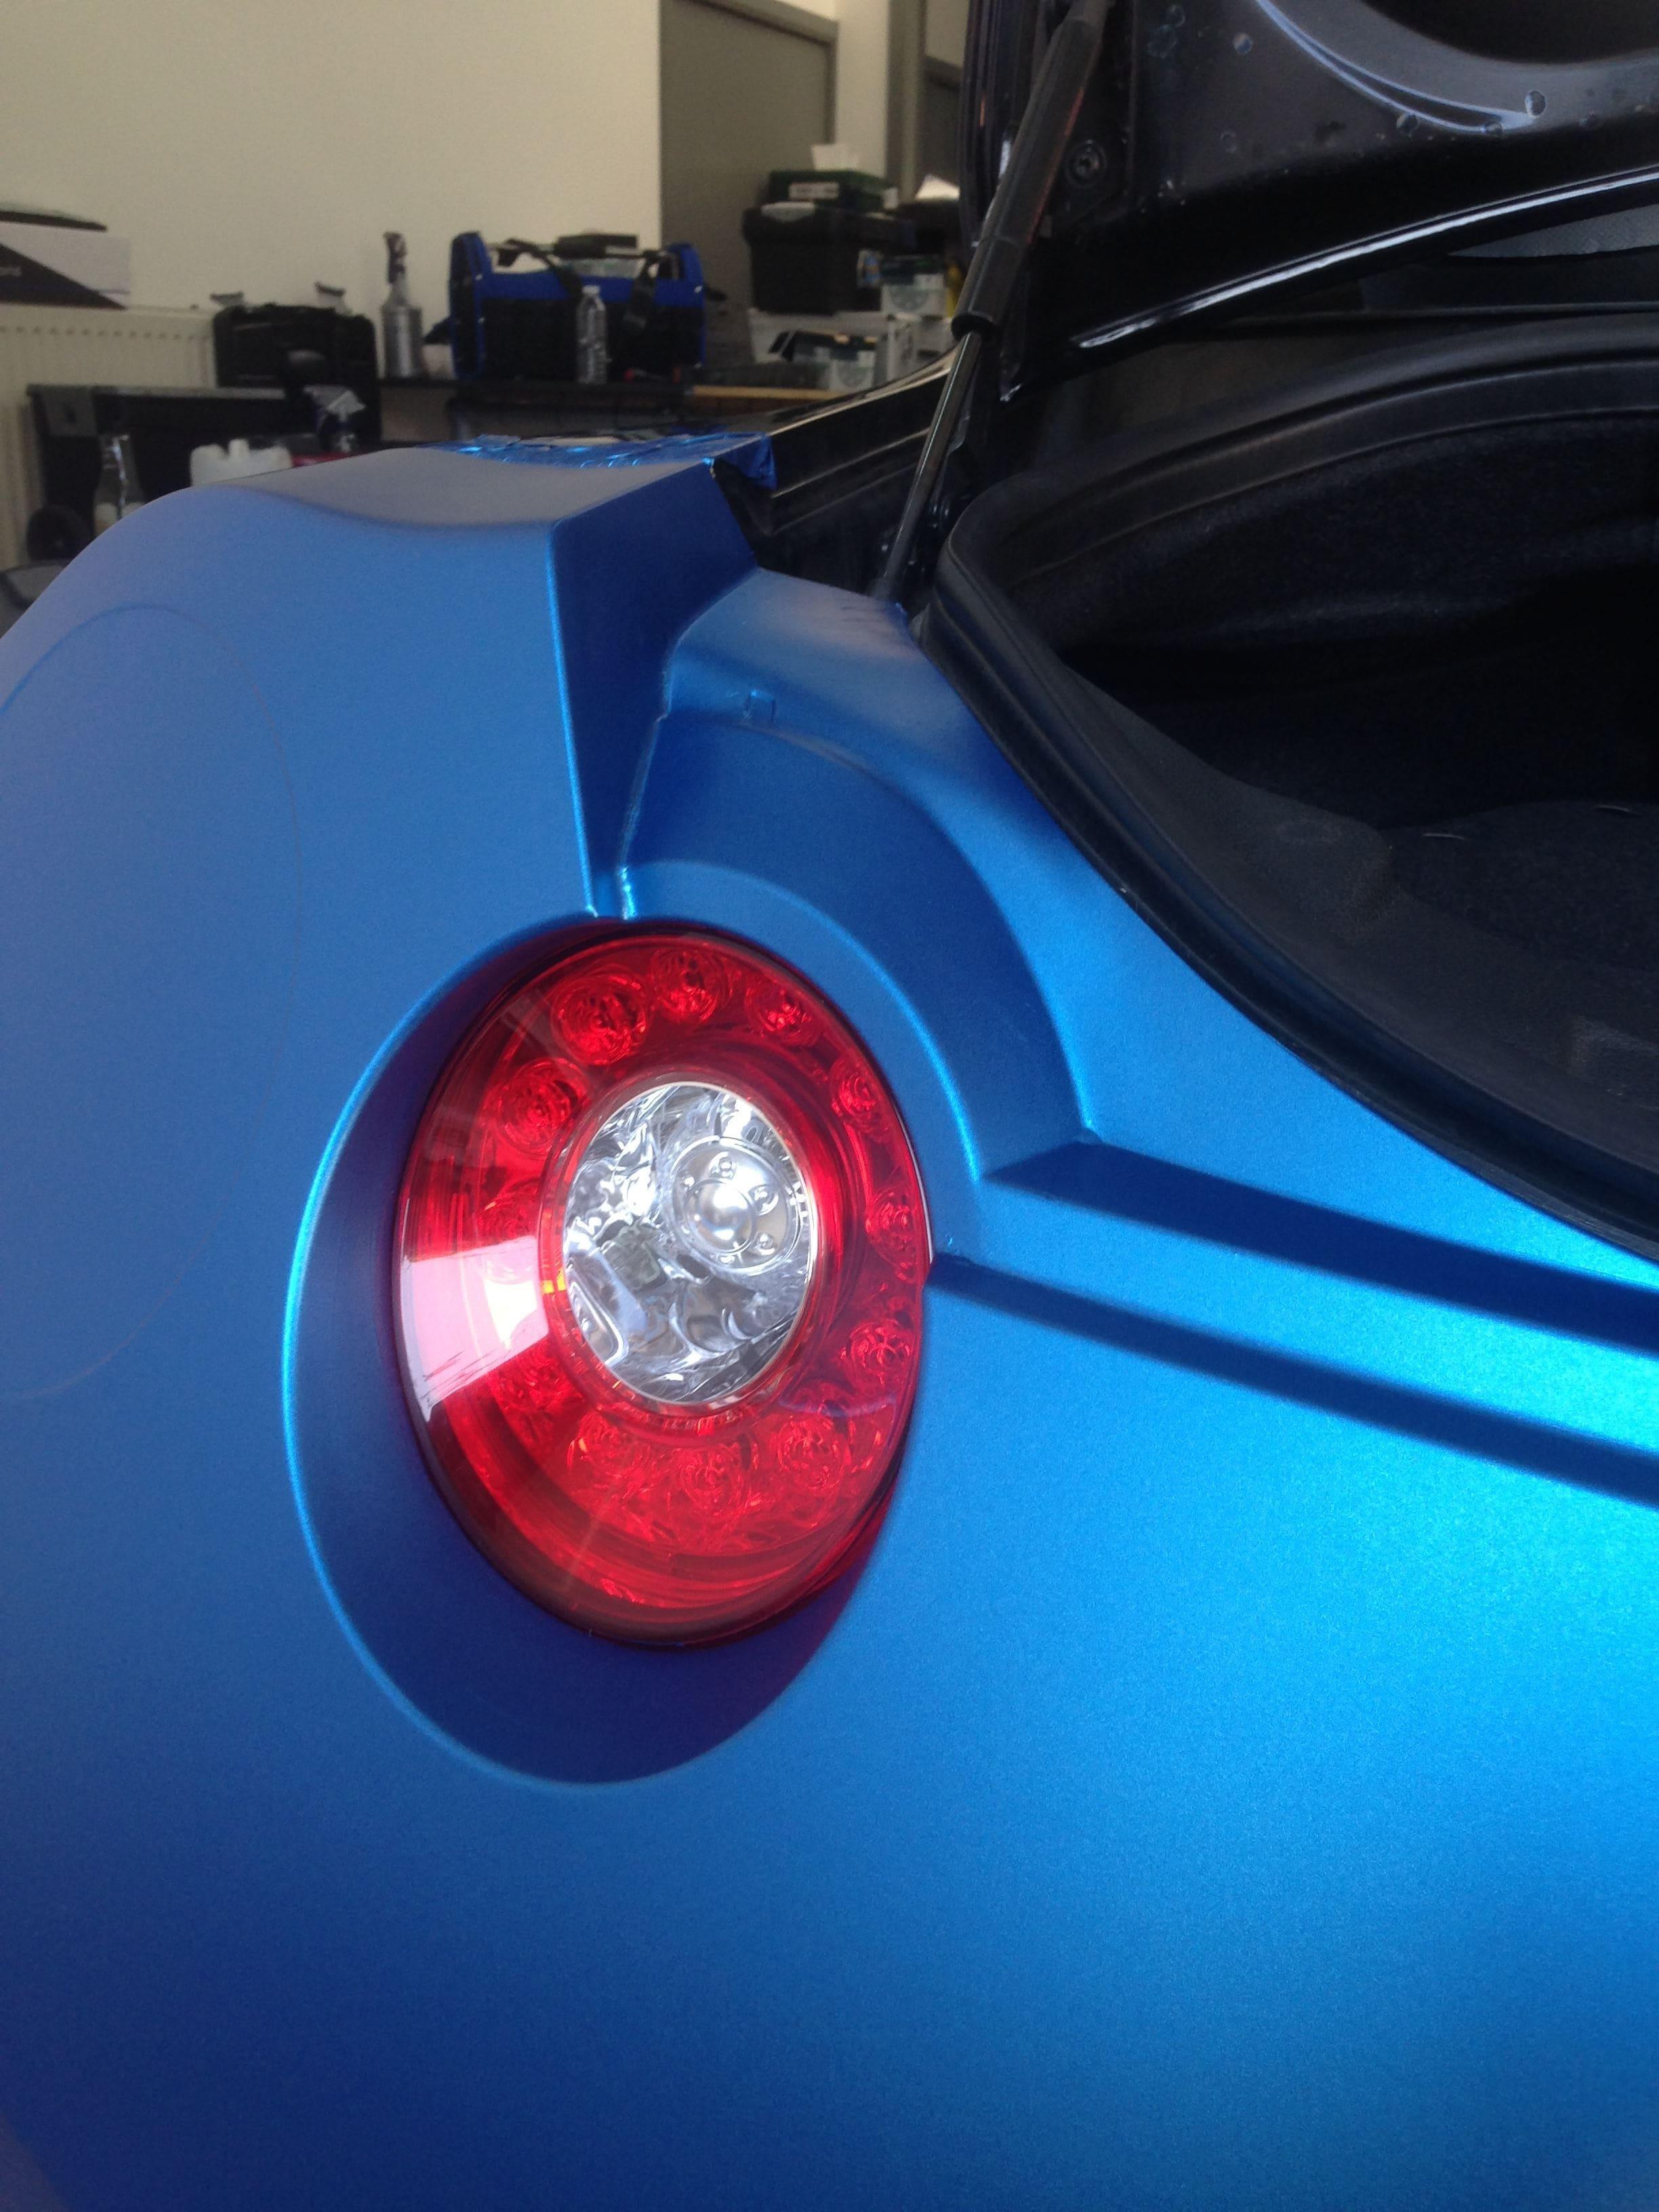 Nissan GT-R in Mat Blauwe Wrap, Carwrapping door Wrapmyride.nu Foto-nr:6518, ©2020